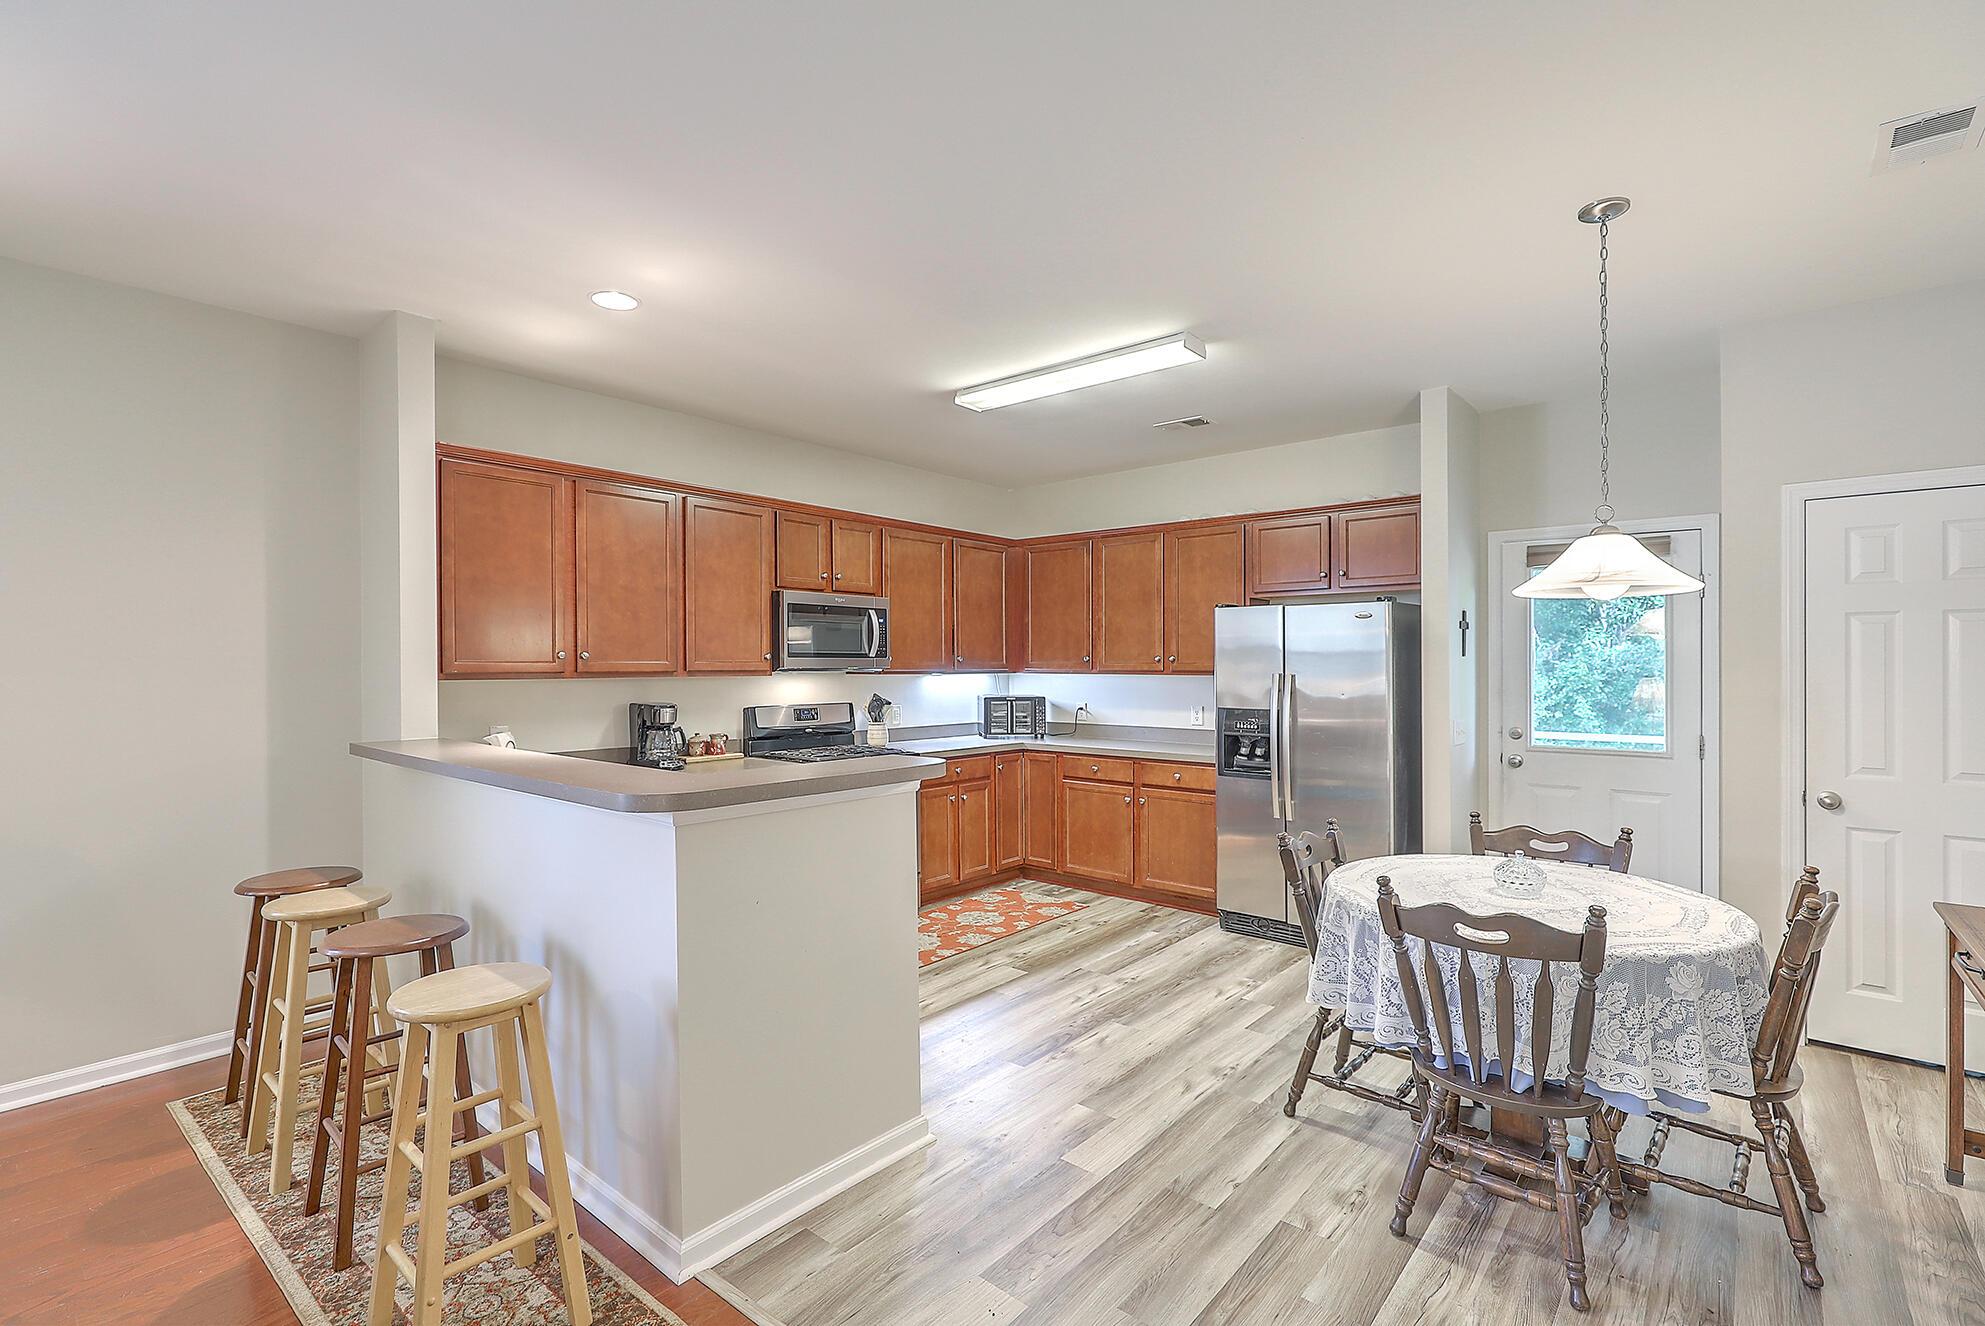 Lieben Park Homes For Sale - 3631 Franklin Tower, Mount Pleasant, SC - 17